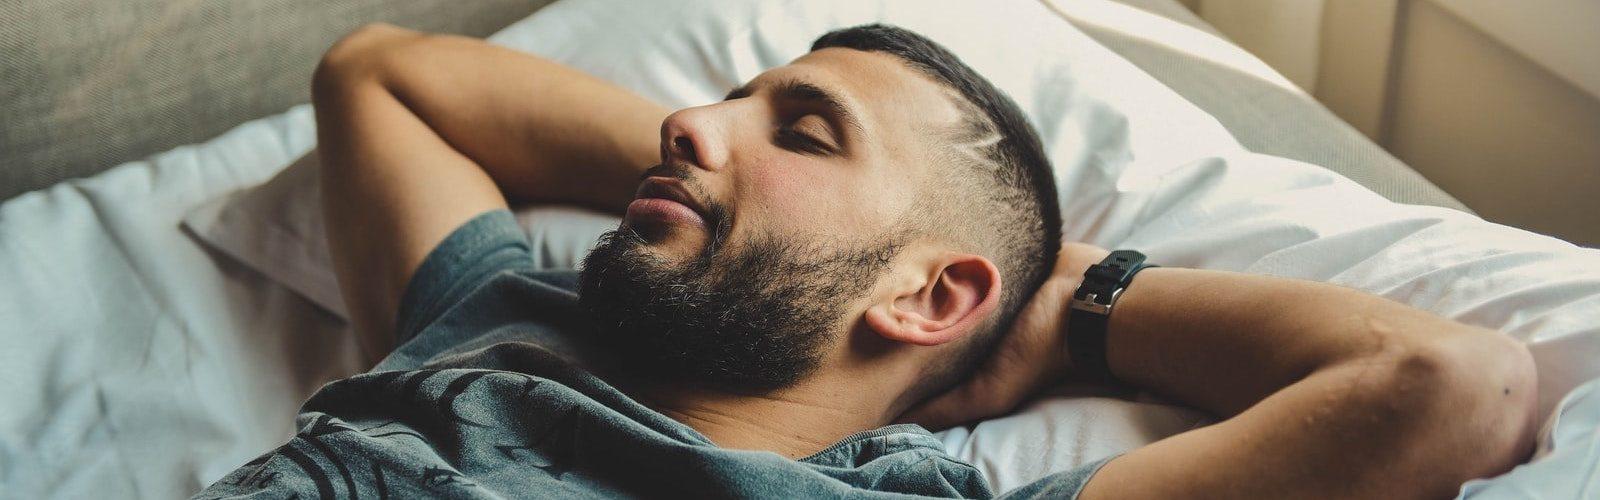 man-slapen-handen-onder-hoofd